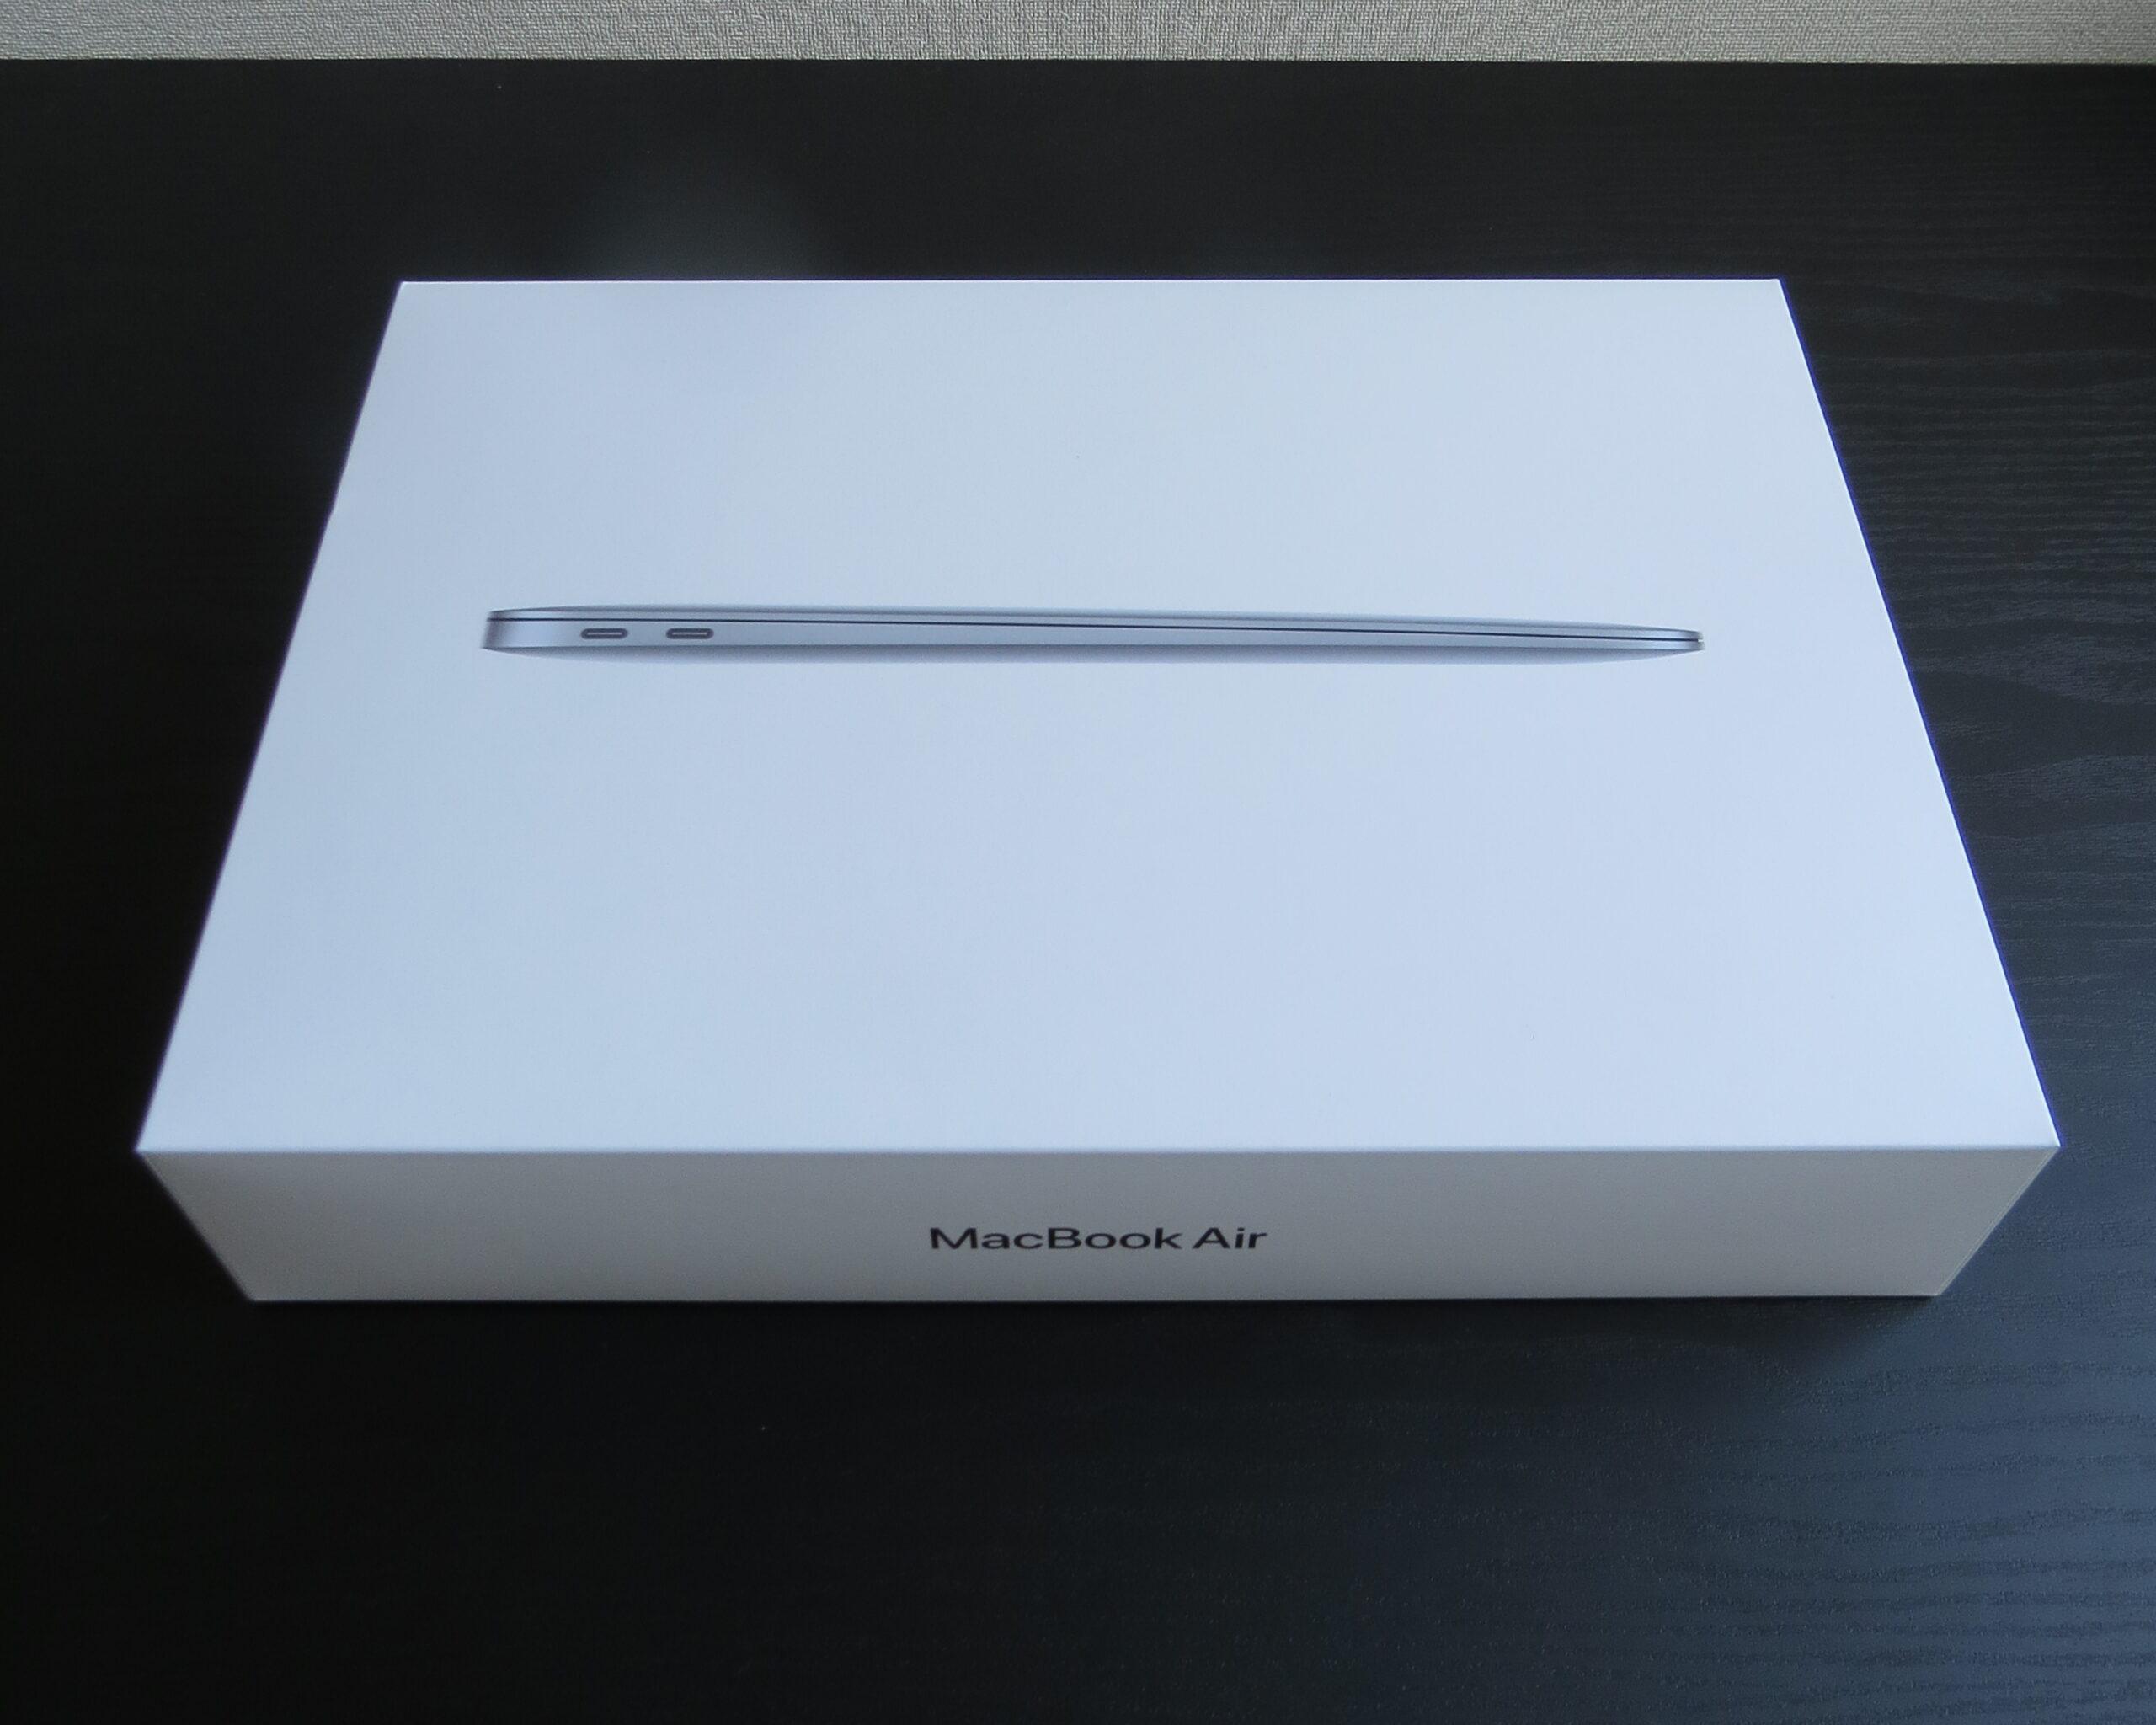 M1 MacBook Airの外箱